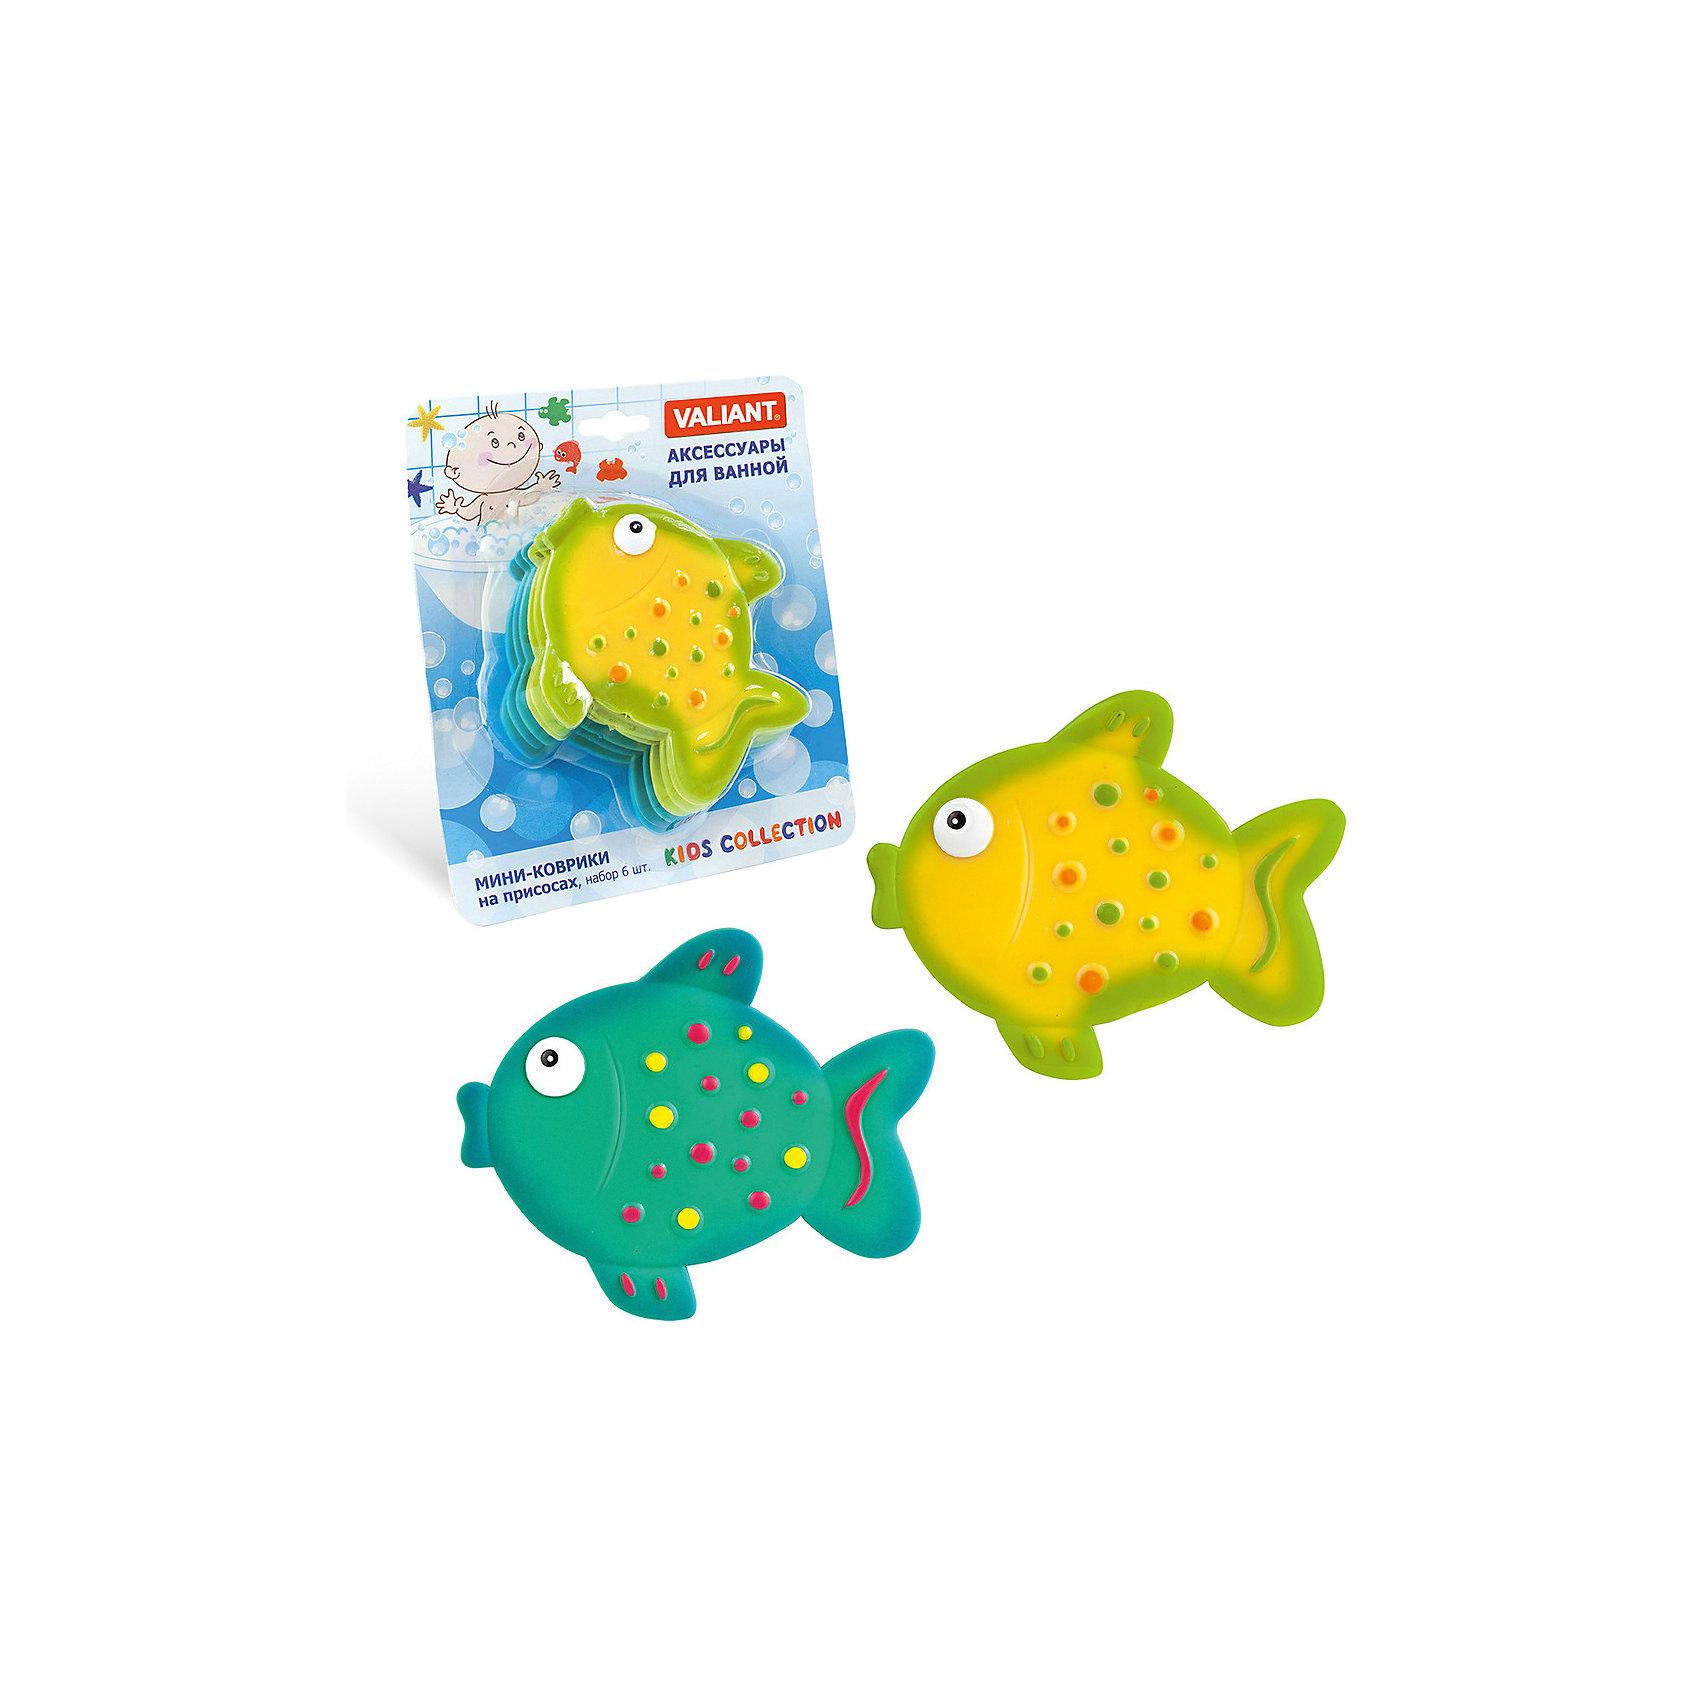 Мини-коврик для ванной комнаты Рыбки на присосках, 6 шт., VALIANT, бирюзовы/жёлтыйВанная комната<br>Мини-коврик для ванной комнаты РЫБКИ (на присосах), набор 6 шт., бирюзовый+жёлтый.В наборе 6 мини-ковриков, по 3 штуки каждого цвета!<br><br>Ширина мм: 170<br>Глубина мм: 48<br>Высота мм: 200<br>Вес г: 190<br>Возраст от месяцев: 36<br>Возраст до месяцев: 72<br>Пол: Унисекс<br>Возраст: Детский<br>SKU: 6868568